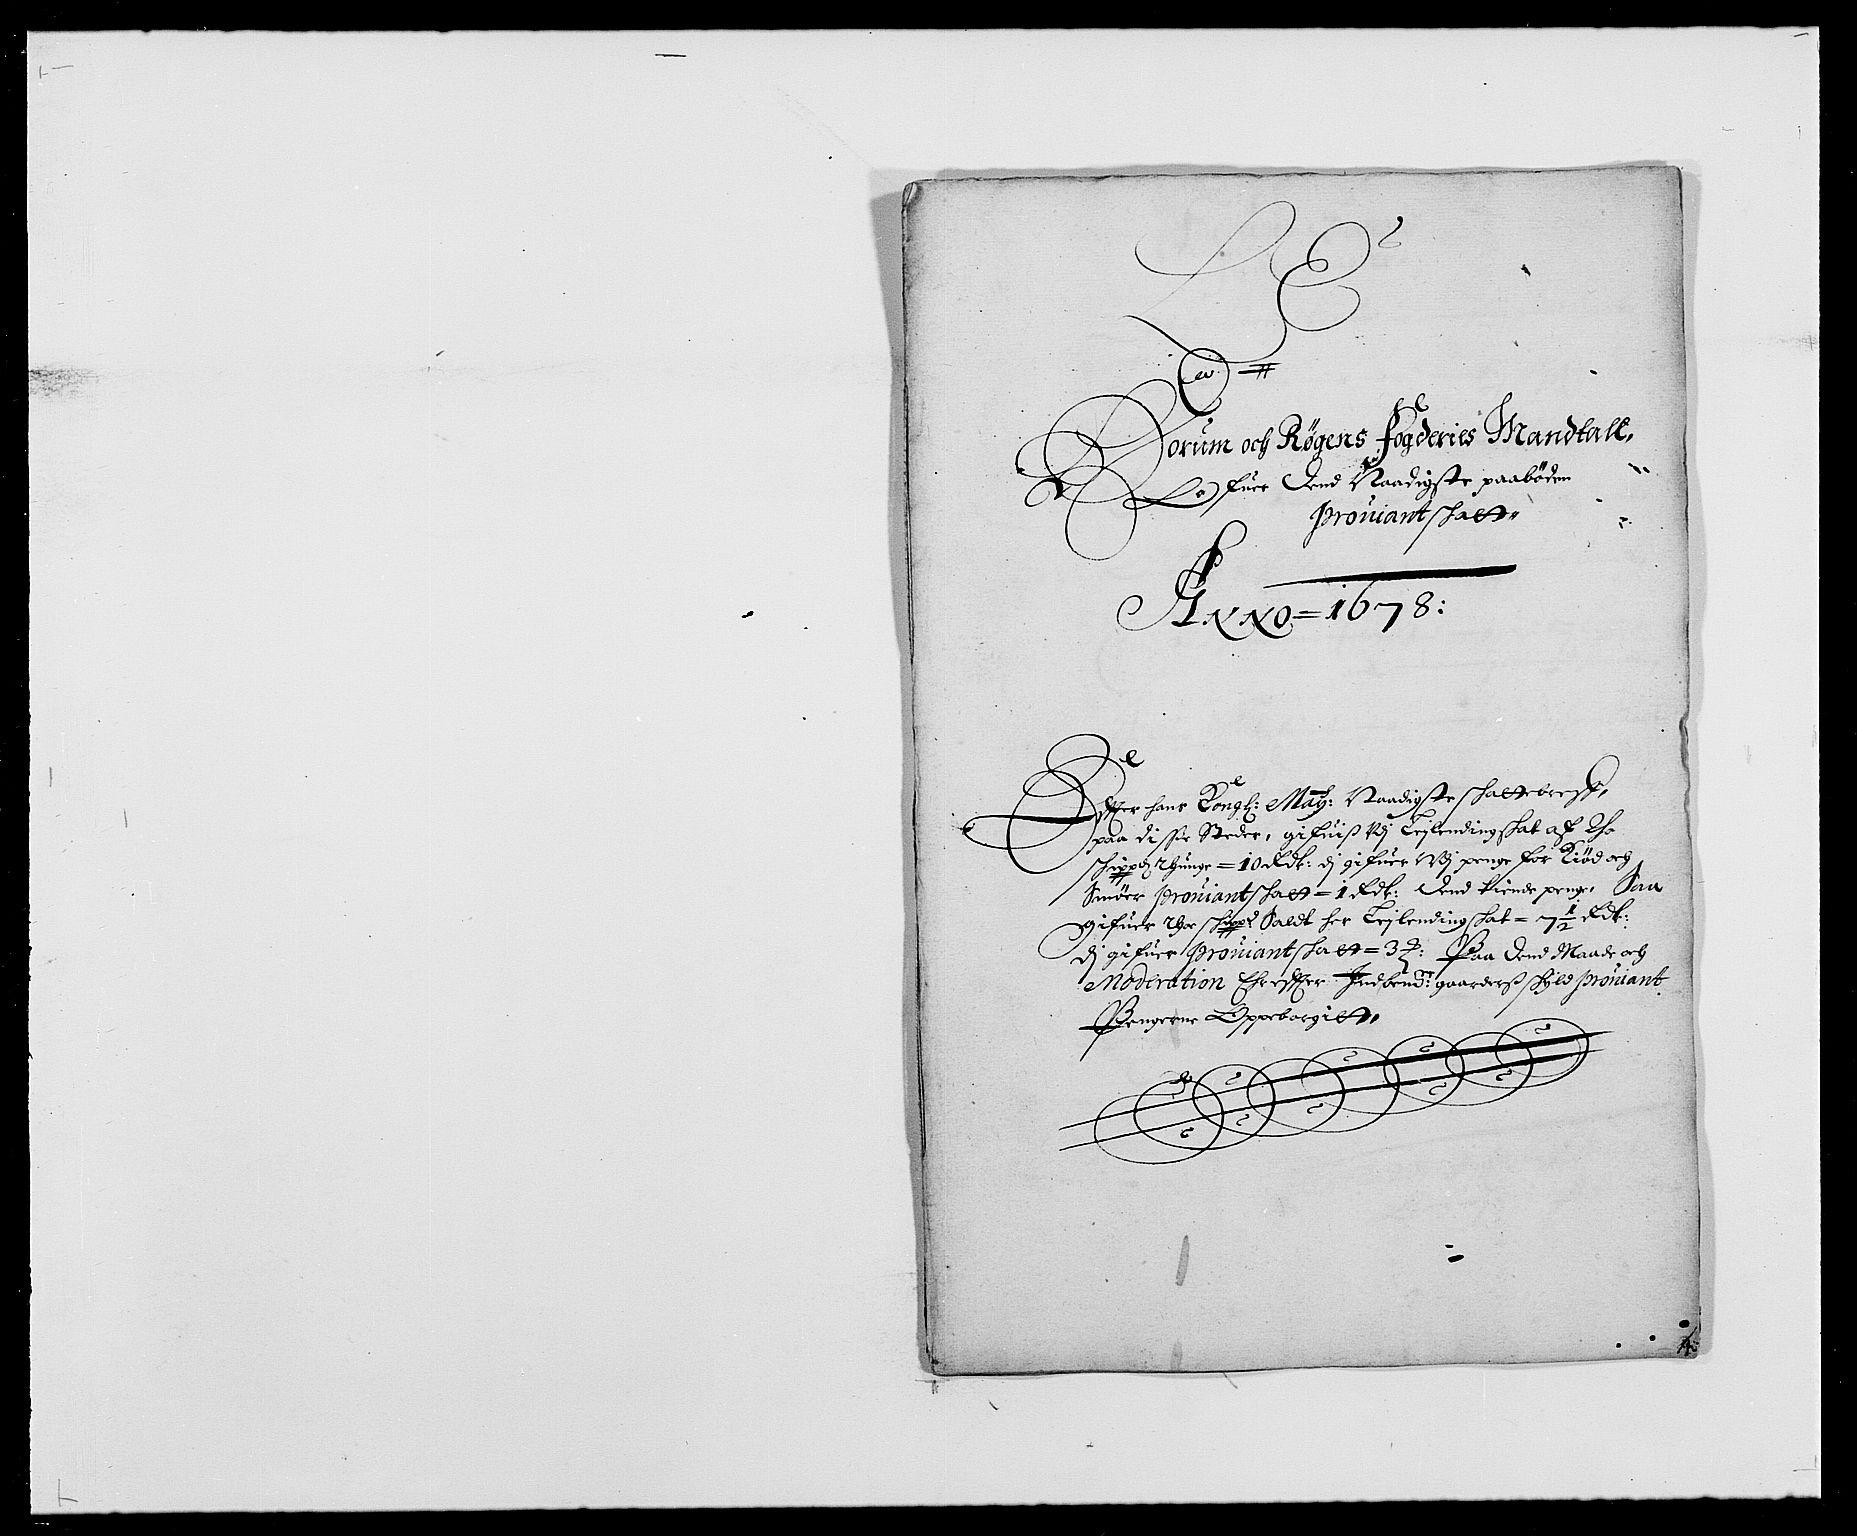 RA, Rentekammeret inntil 1814, Reviderte regnskaper, Fogderegnskap, R29/L1691: Fogderegnskap Hurum og Røyken, 1678-1681, s. 68